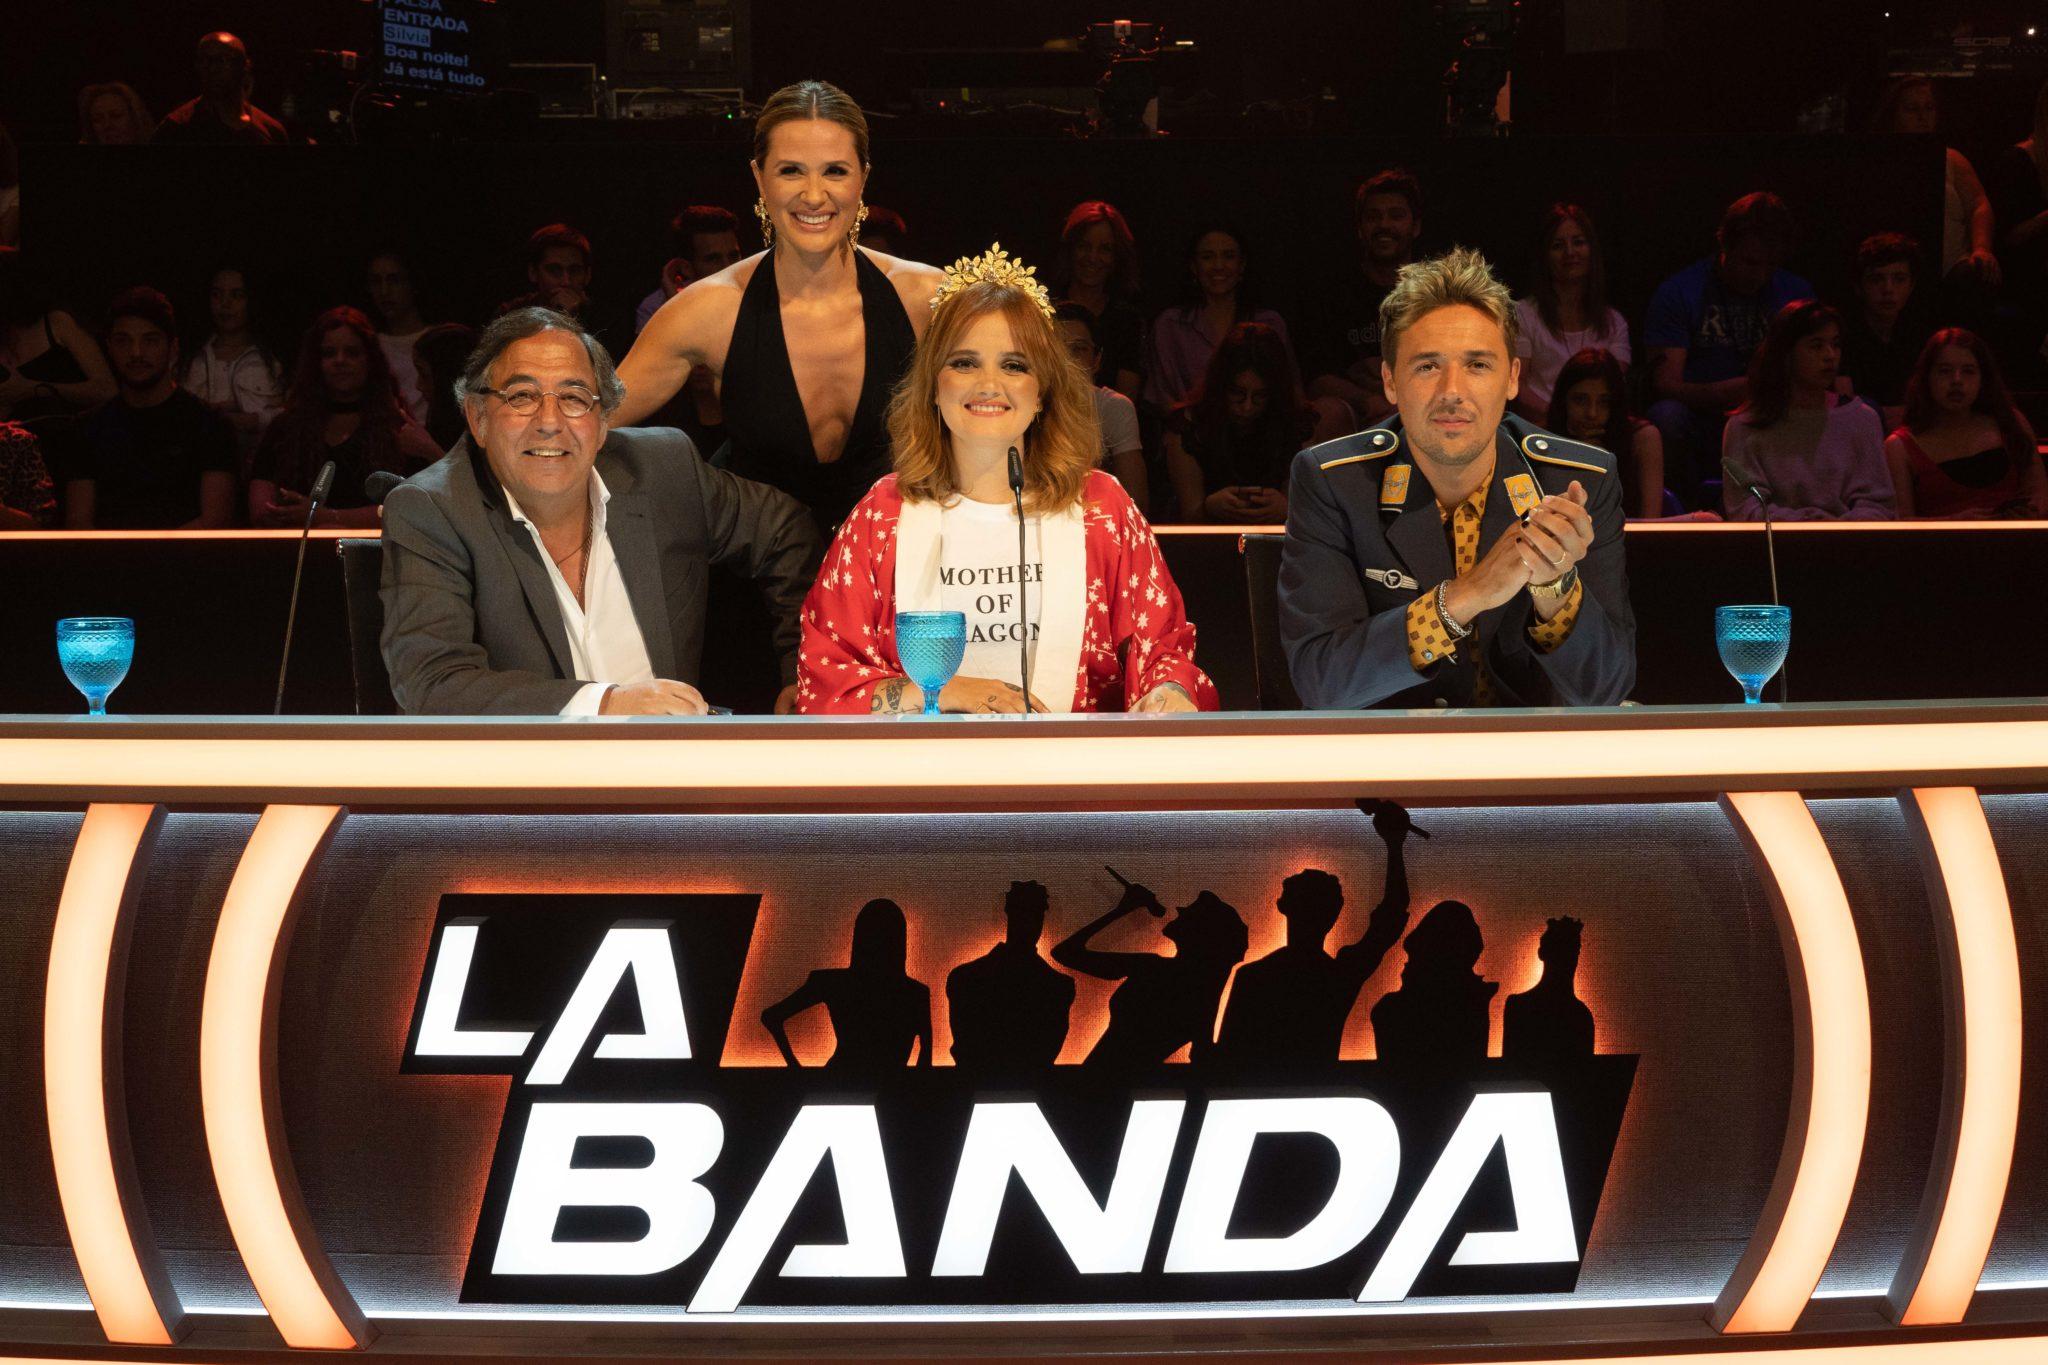 La Banda Silvia Alberto Jurados Banda Vencedora Do 'La Banda' Dá Concerto Em Lisboa Com Convidados Especiais